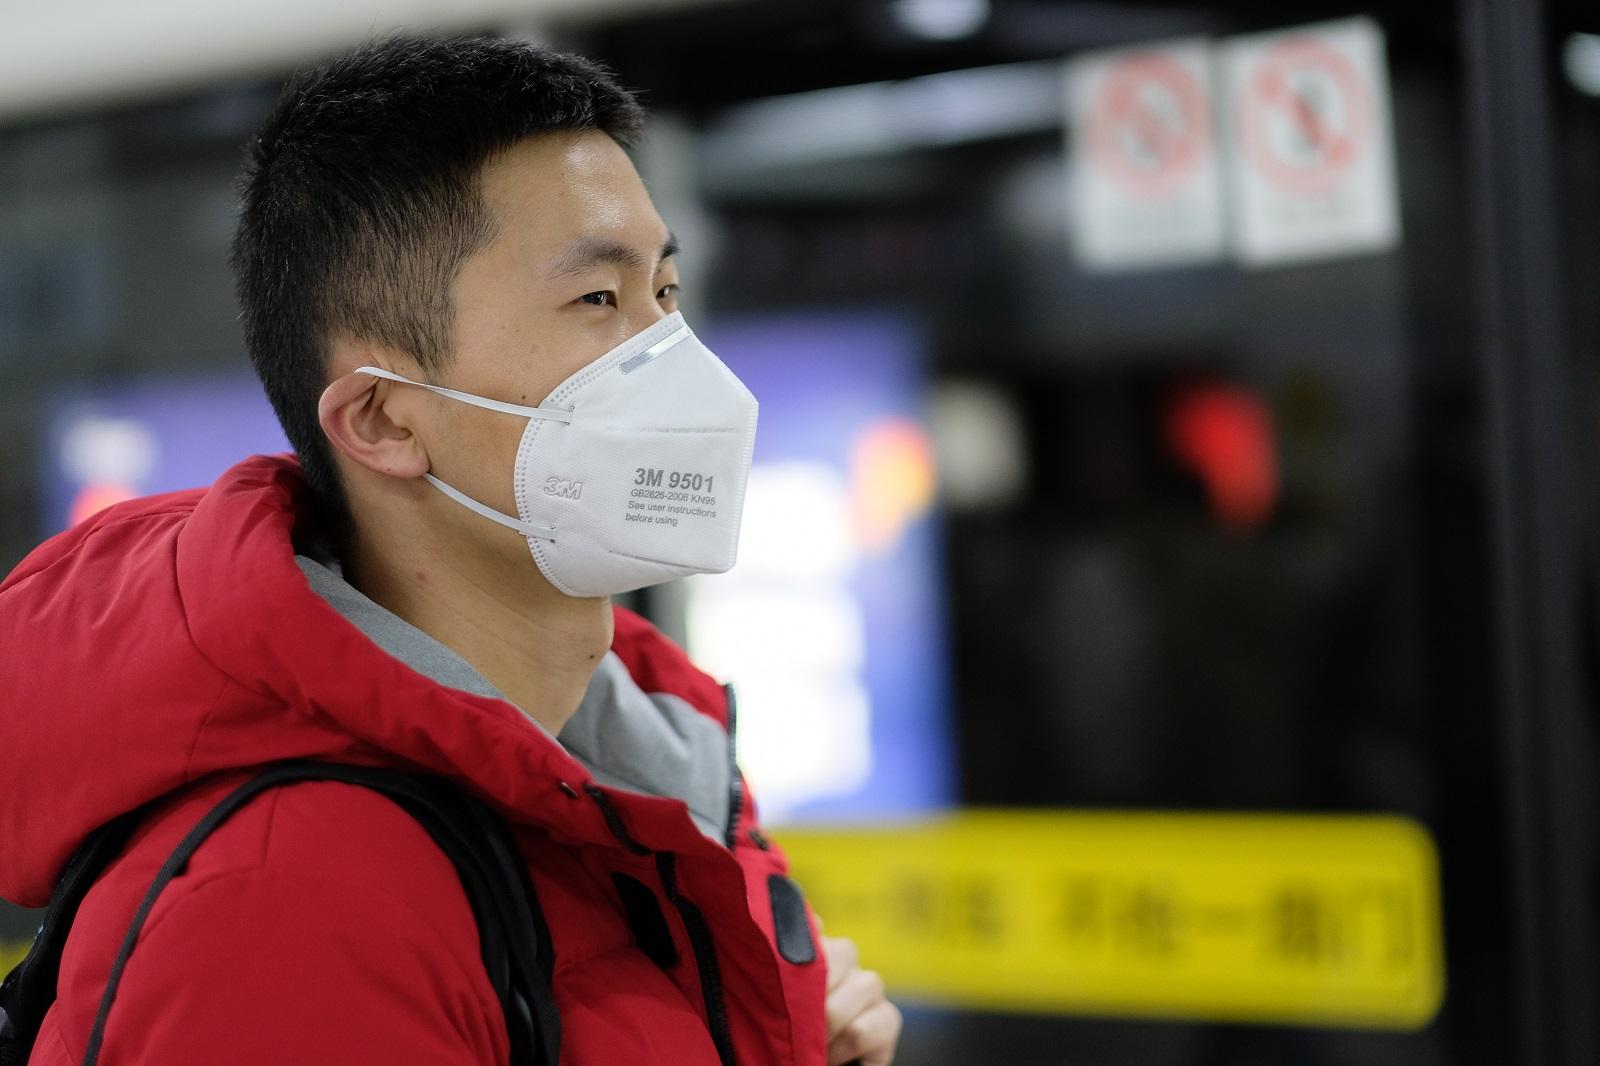 感染武漢肺炎遭隔離怎麼請假?雇主該給薪嗎?一圖看懂!